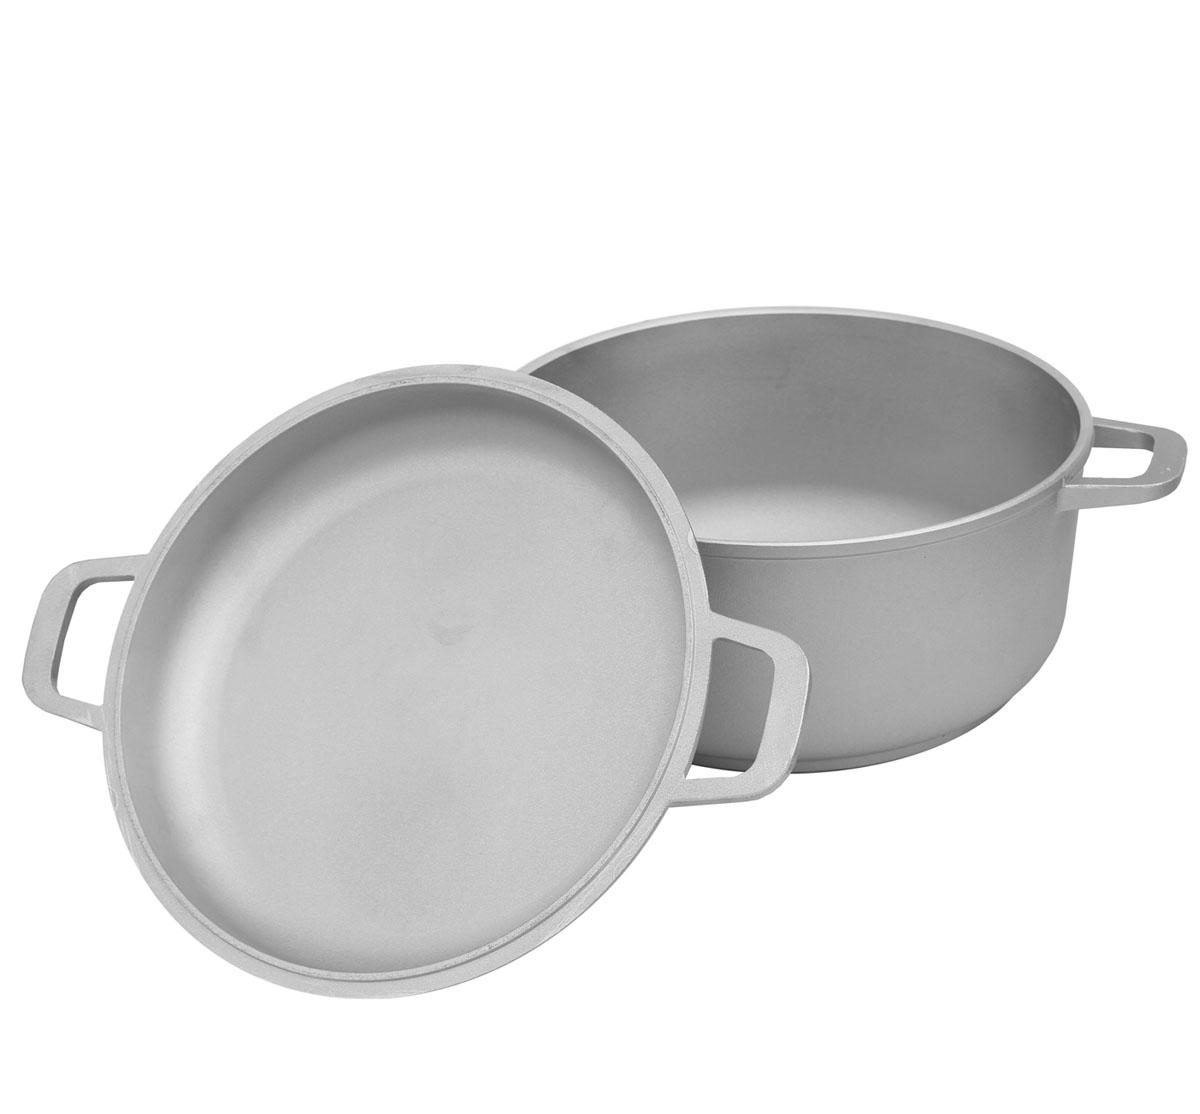 Кастрюля Биол с крышкой-сковородой, 7 л. К70294672Кастрюля Биол выполнена из высококачественного литого алюминия. Изделие оснащено крышкой, которая также может послужить в качестве сковороды. Имеет утолщенное дно. Посуда равномерно распределяет тепло и обладает высокой устойчивостью к деформации, легкая и практичная в эксплуатации, обладает долгим сроком службы. Подходит для использования на электрических, газовых и стеклокерамических плитах. Не подходит для индукционных плит. Можно мыть в посудомоечной машине.Диаметр (по верхнему краю): 28 см. Высота стенки кастрюли: 13,3 см. Высота стенки крышки: 5,5 см. Ширина кастрюли (с учетом ручек): 36,5 см.